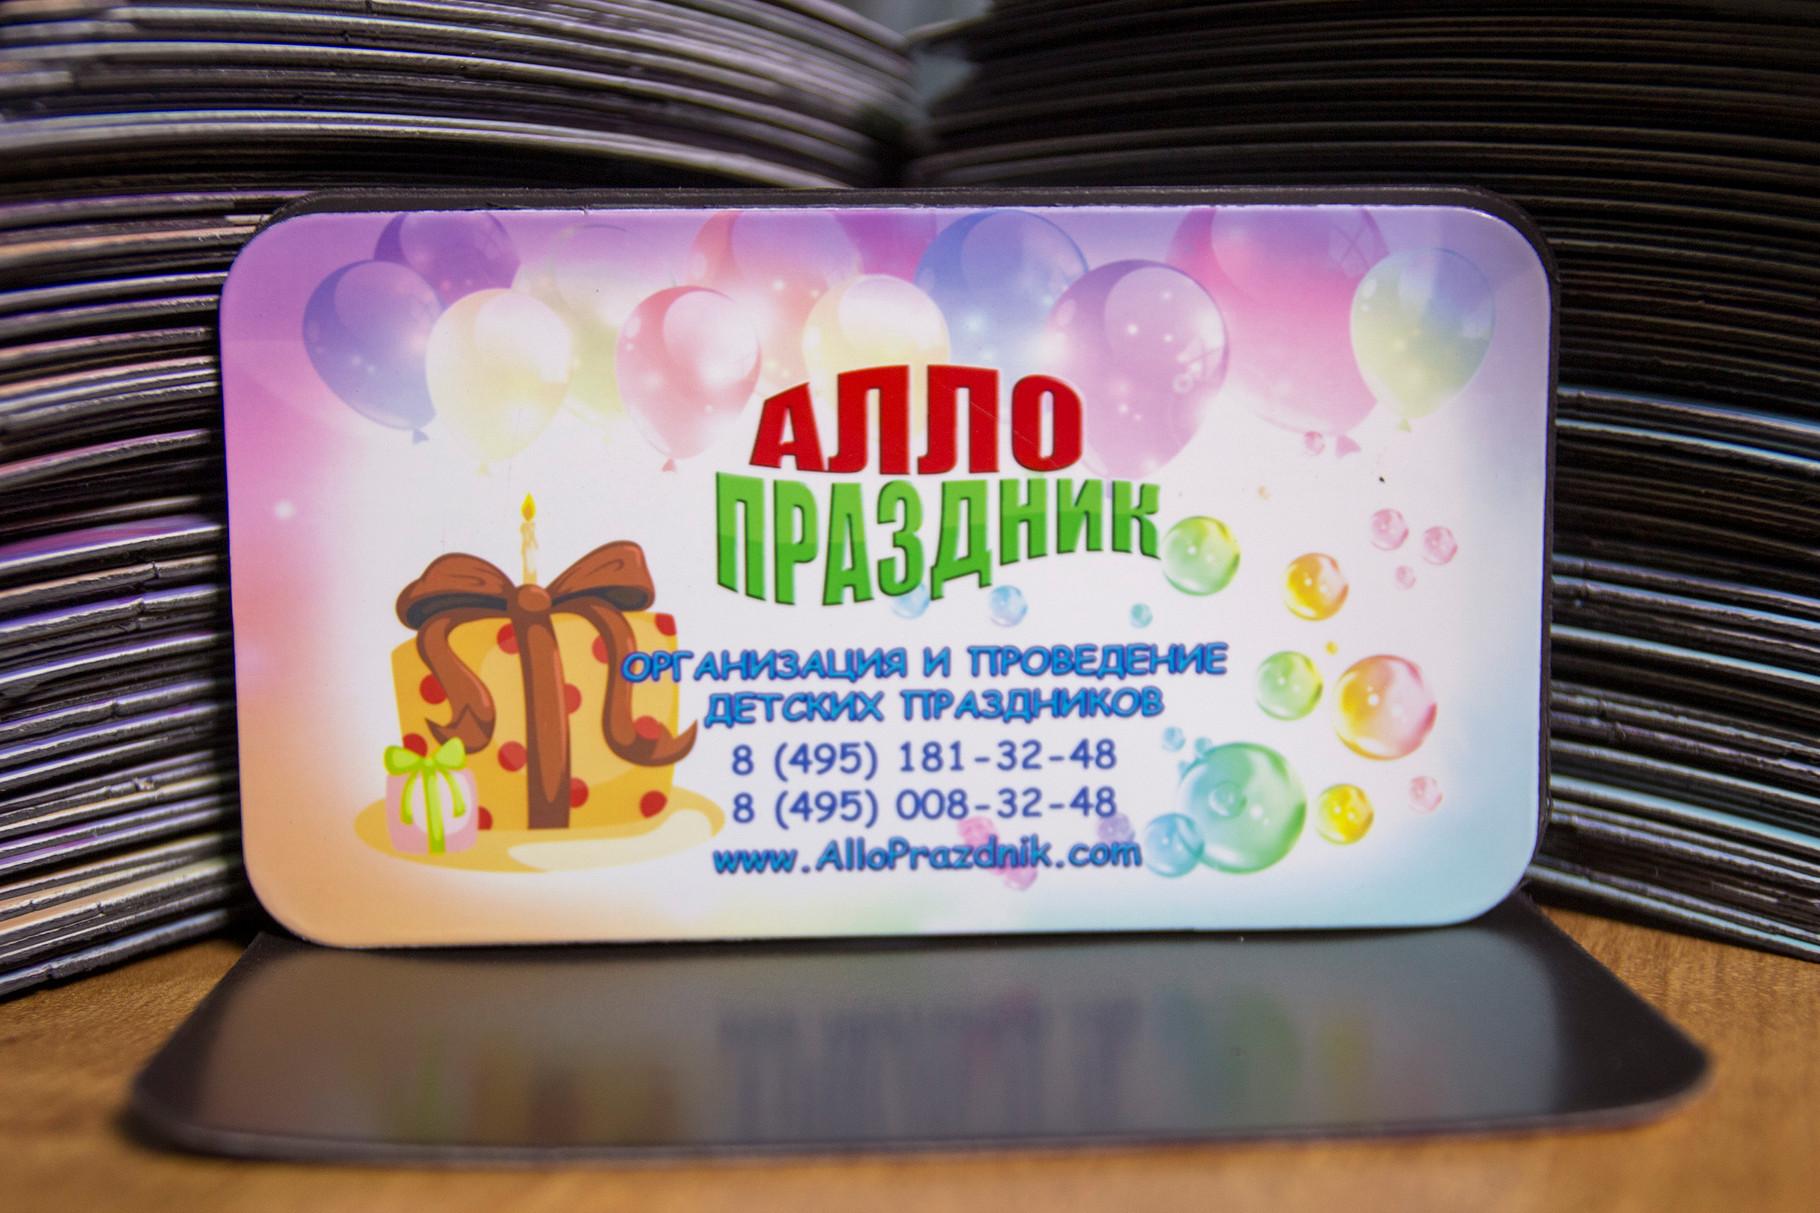 Печать и изготовление магнитных визиток в Москве   фото 6